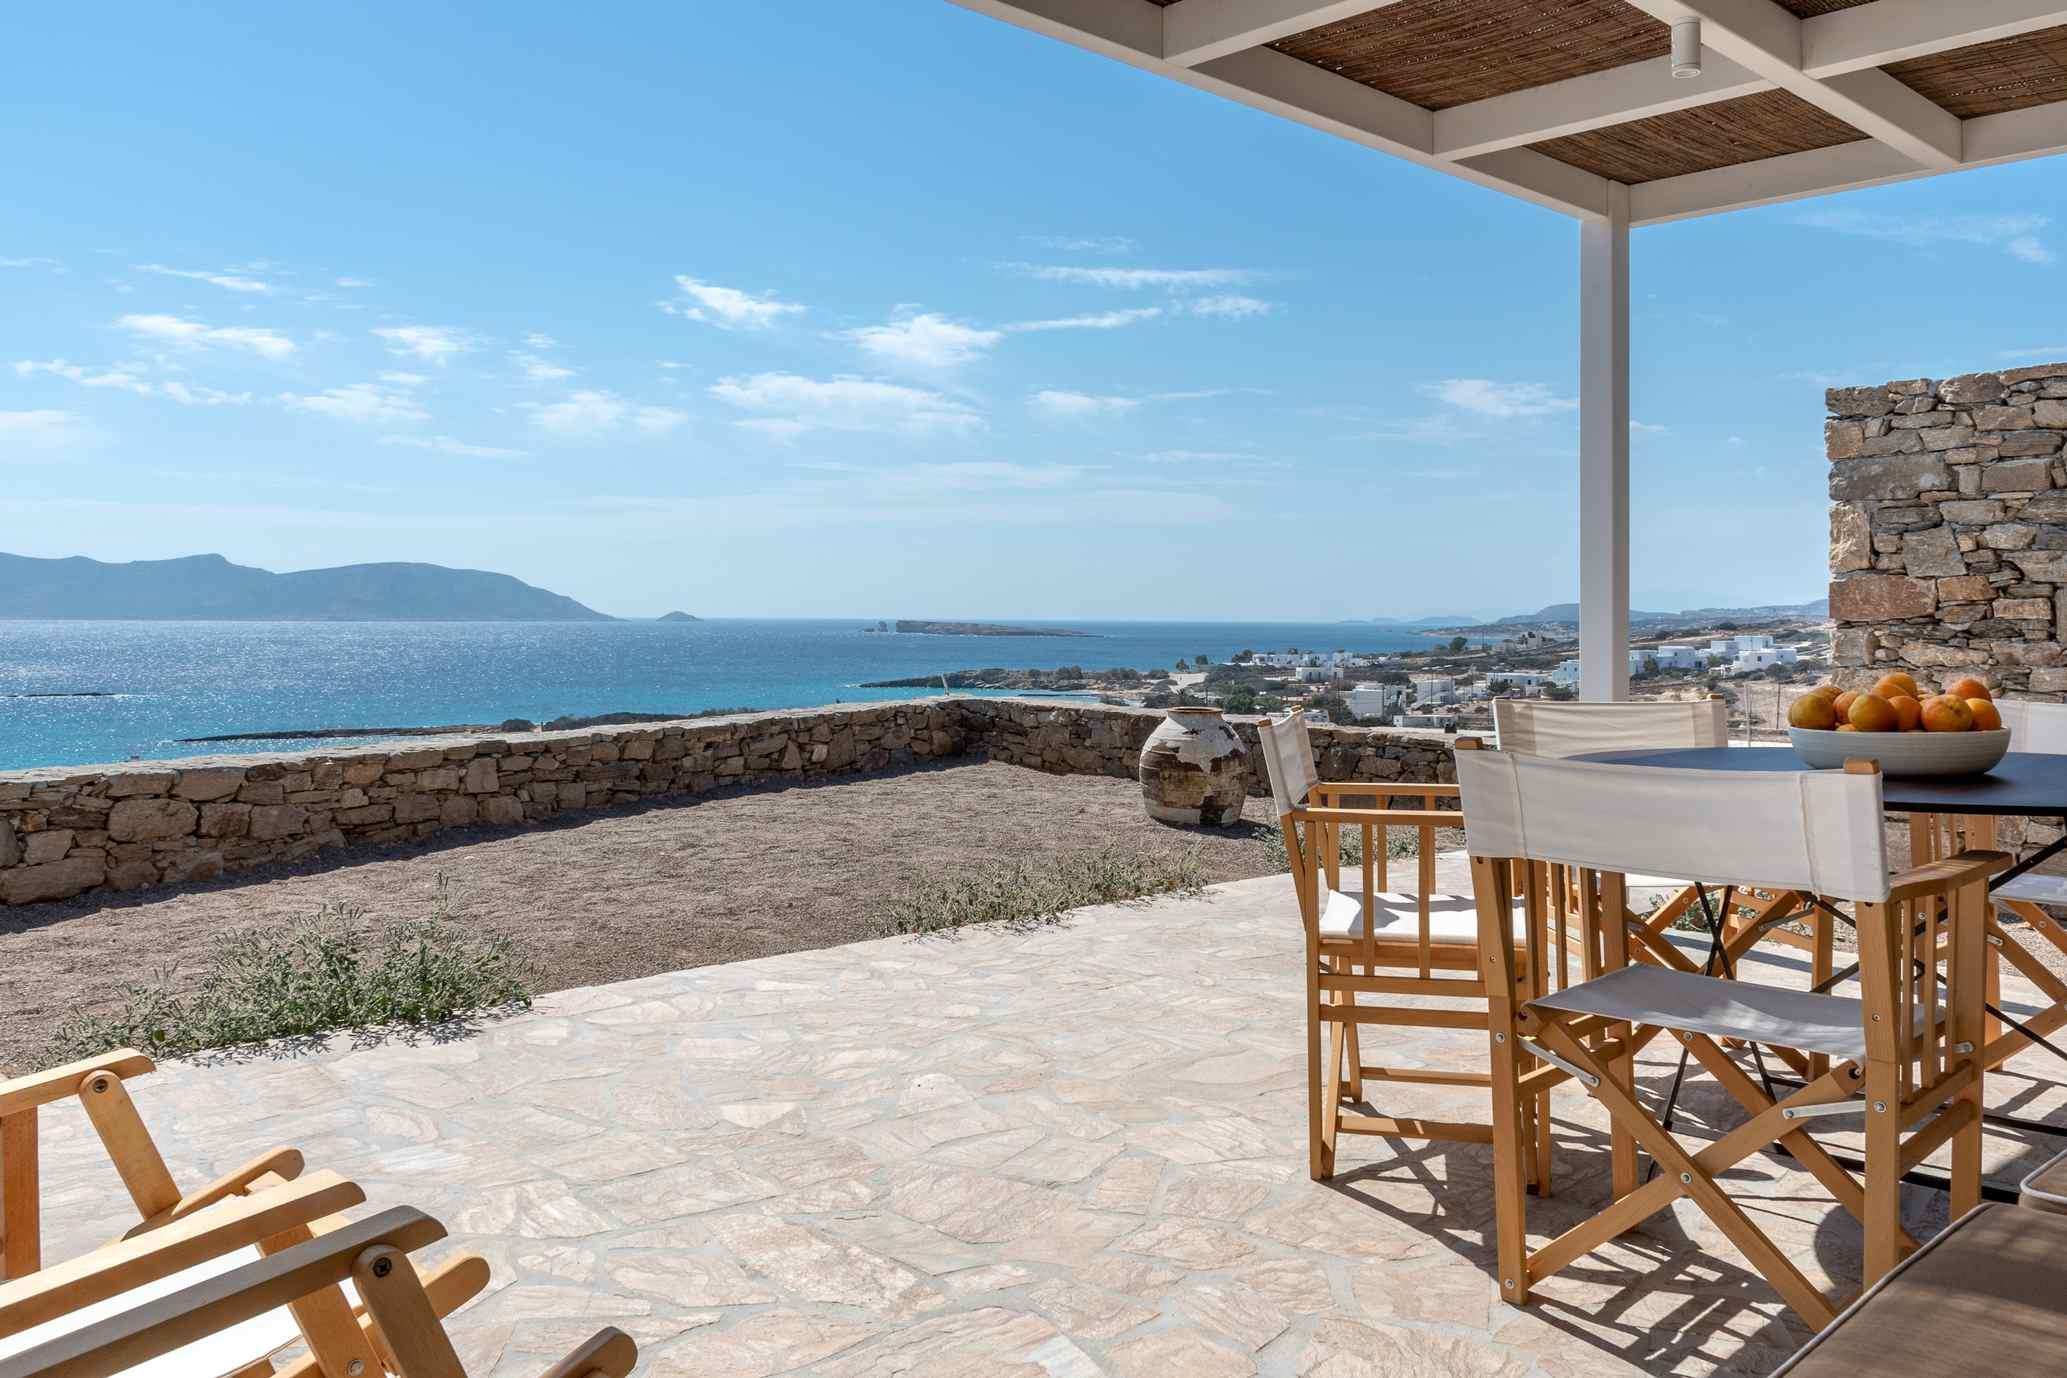 11-house-one-20180922-Stefanos-Samios-3079-HDR-E